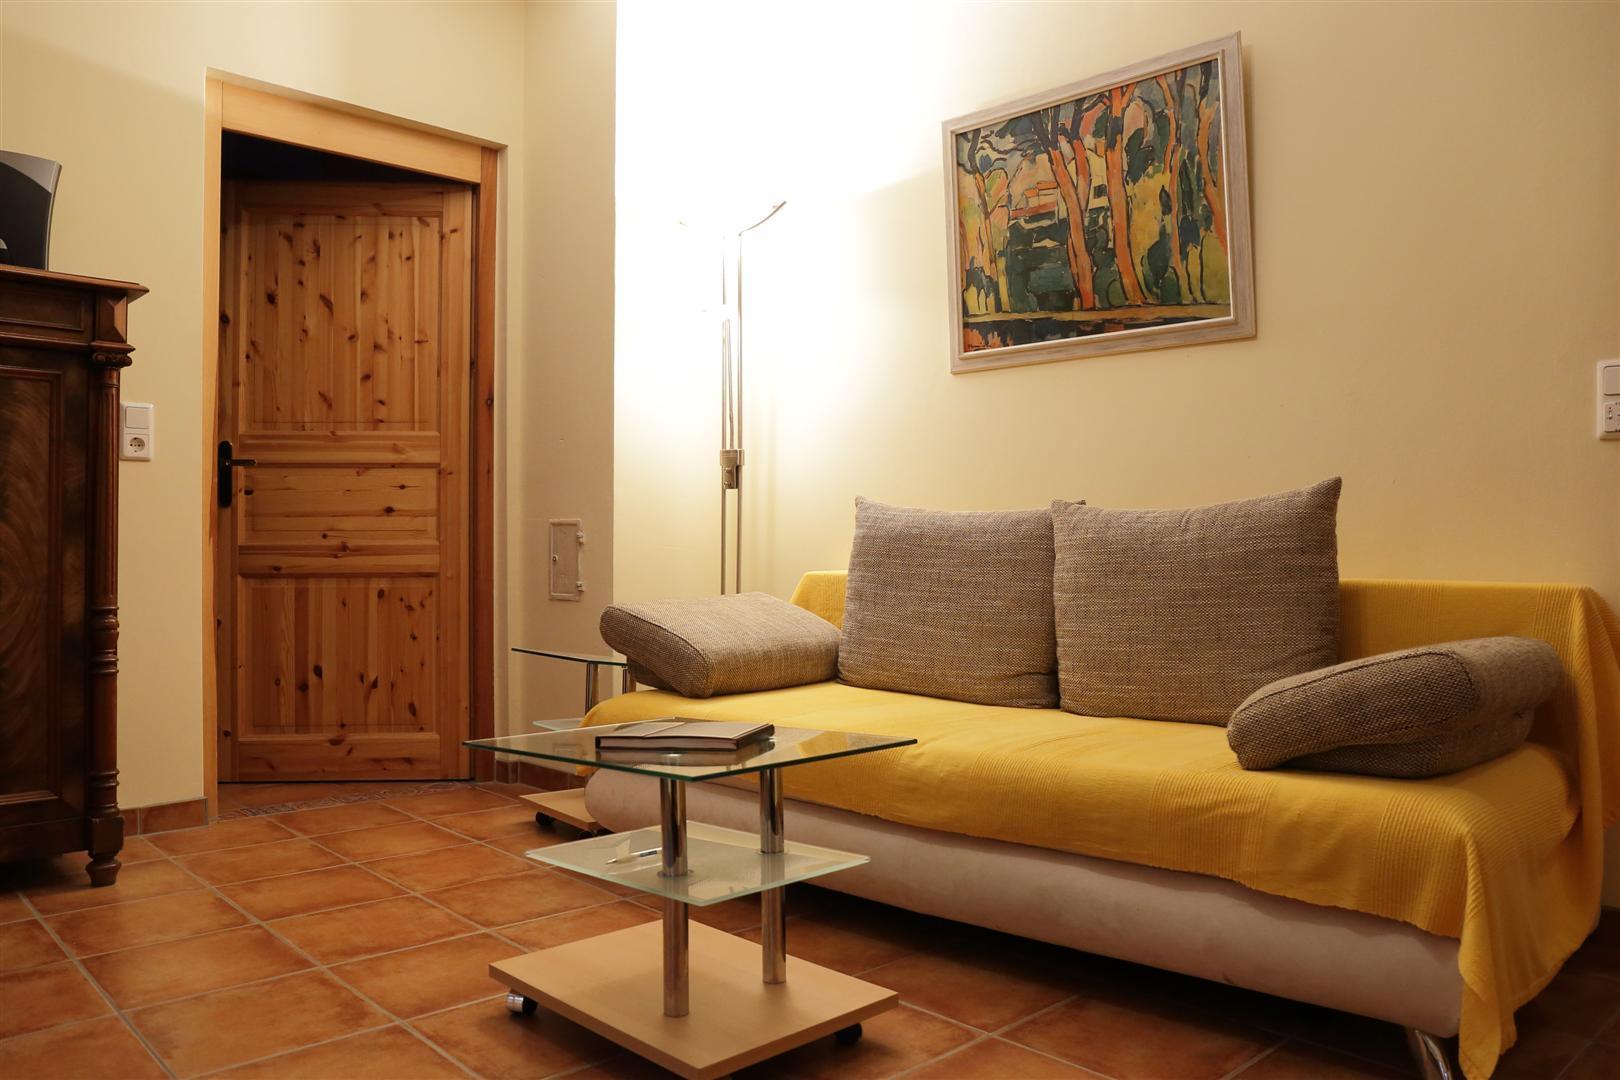 Wohnzimmer-2 (Groß)